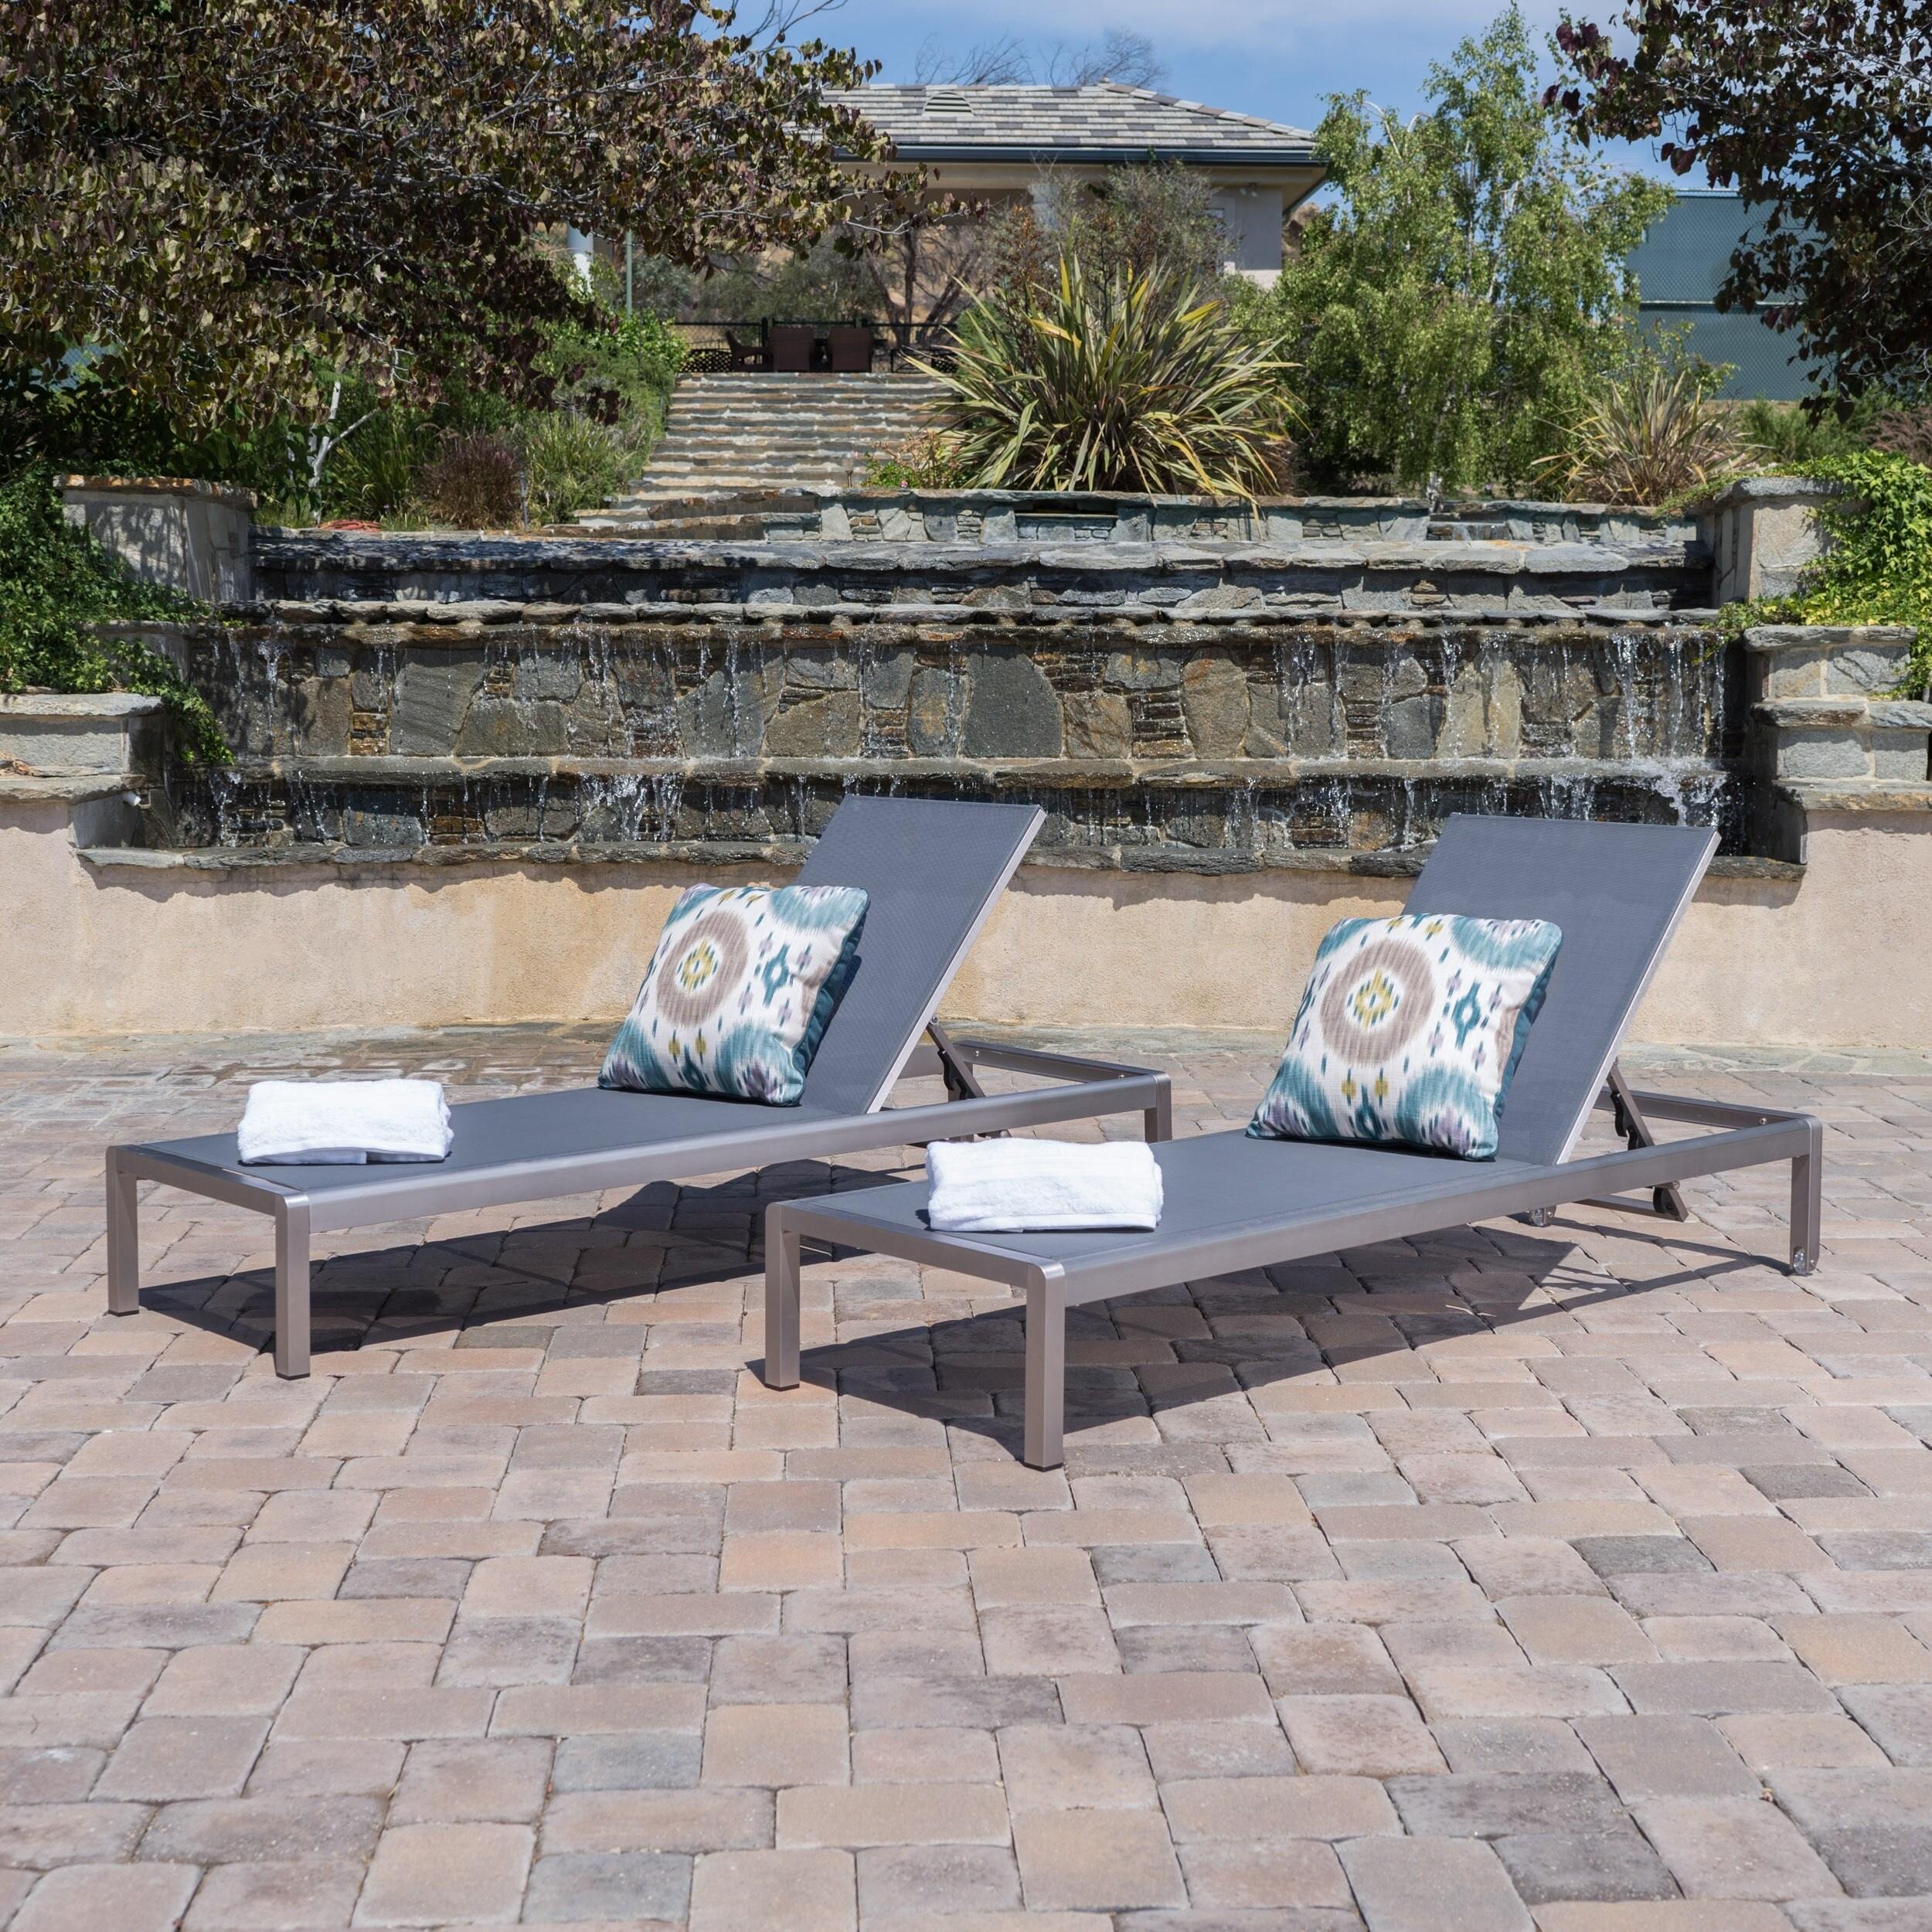 Wunderschön Lounge Outdoor Beste Wahl Shop Cape Coral Aluminum Table Chaise (set